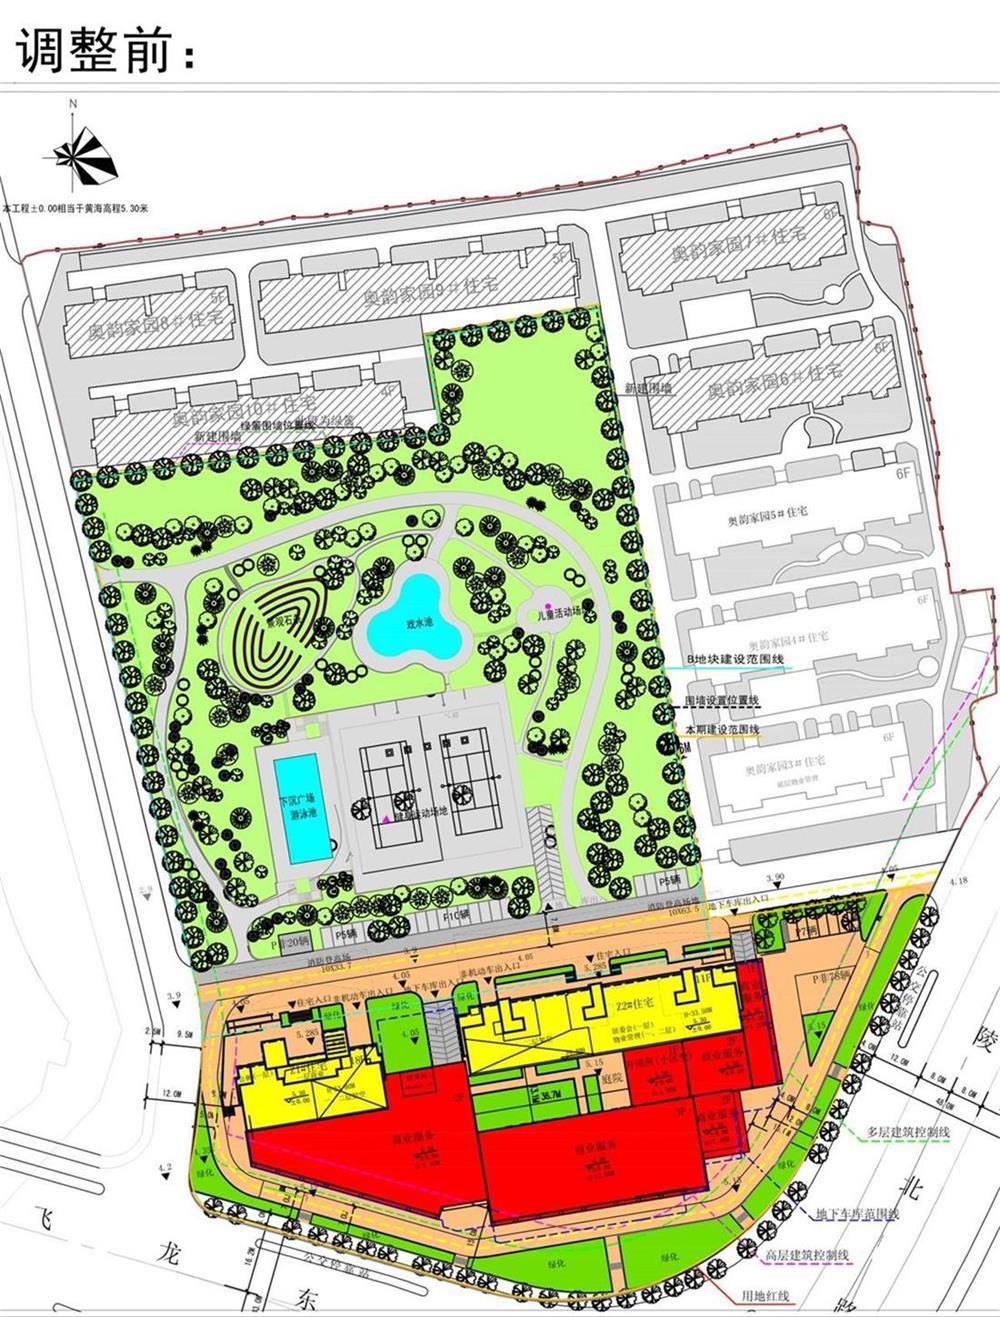 水上乐园地块二期景观设计方案调整 有健身运动场地、下沉广场游泳池等